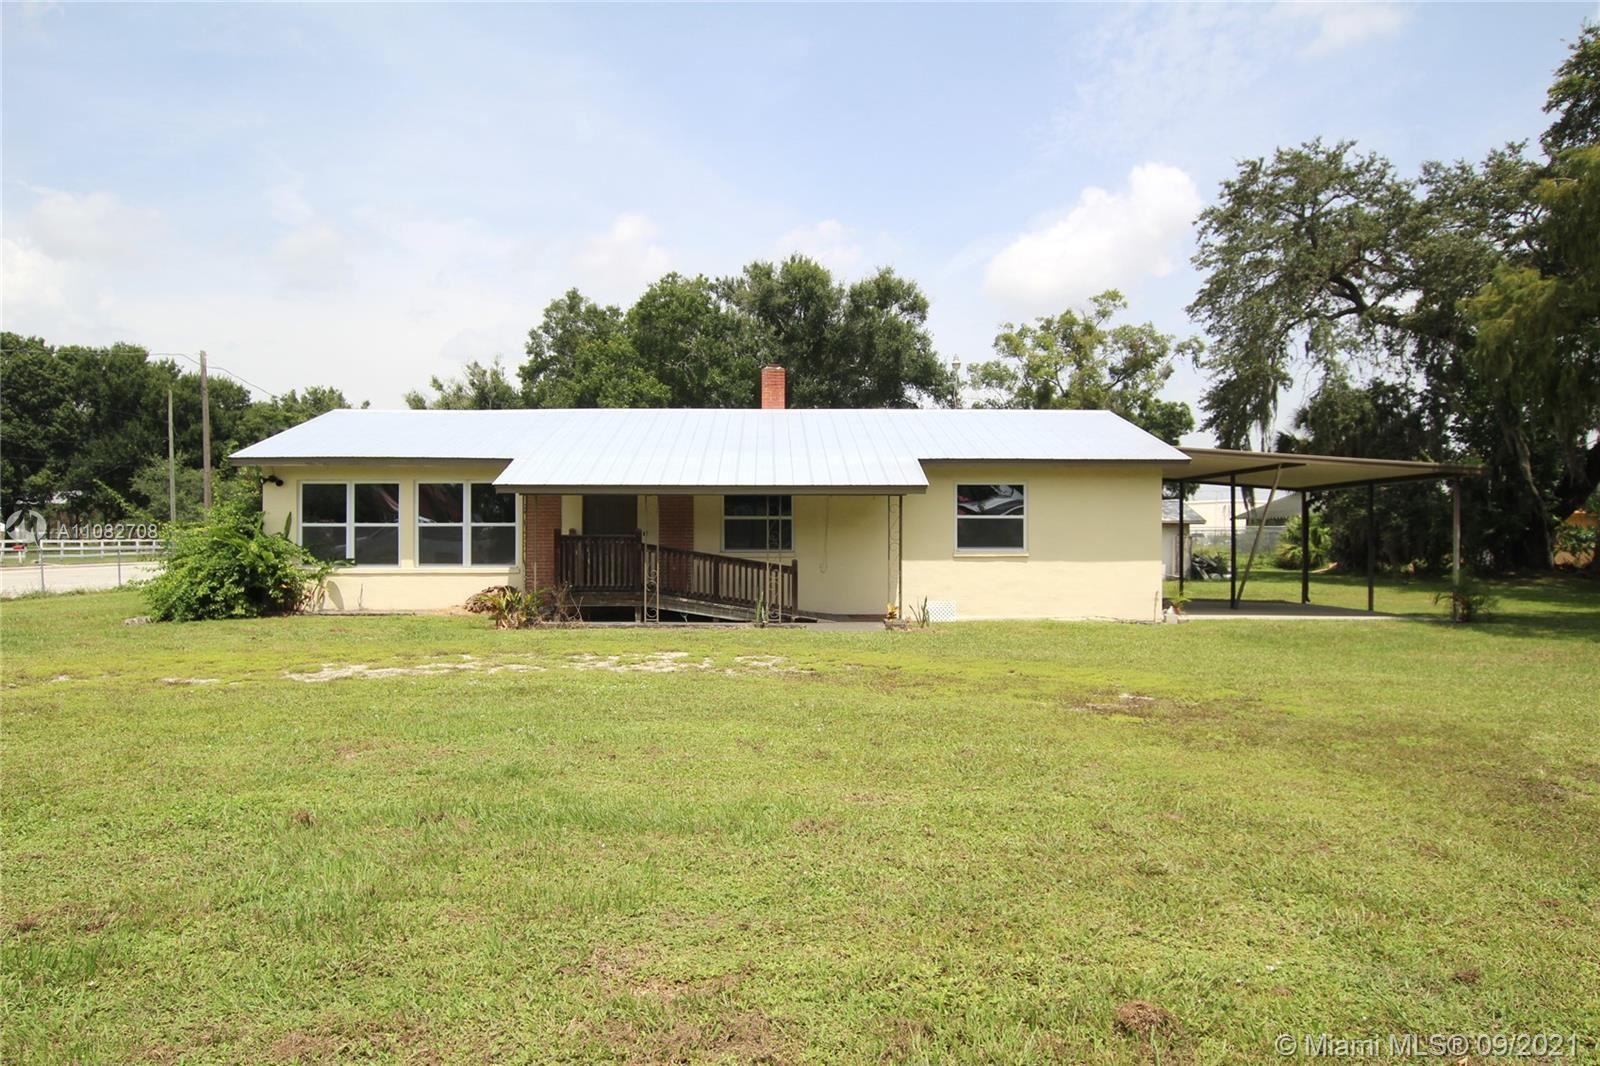 509 SW 2nd Ave, Okeechobee, FL 34974 - #: A11082708